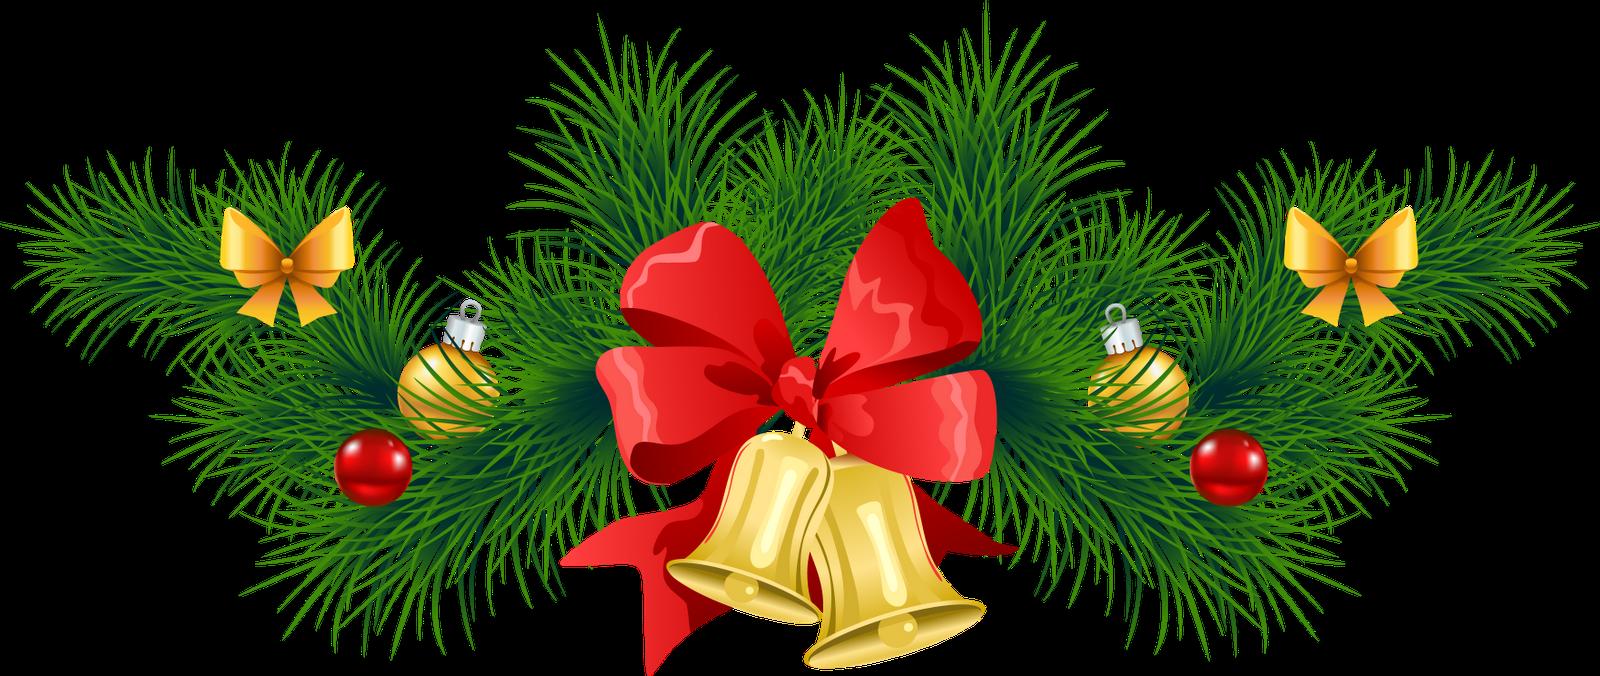 Веточки новогодние